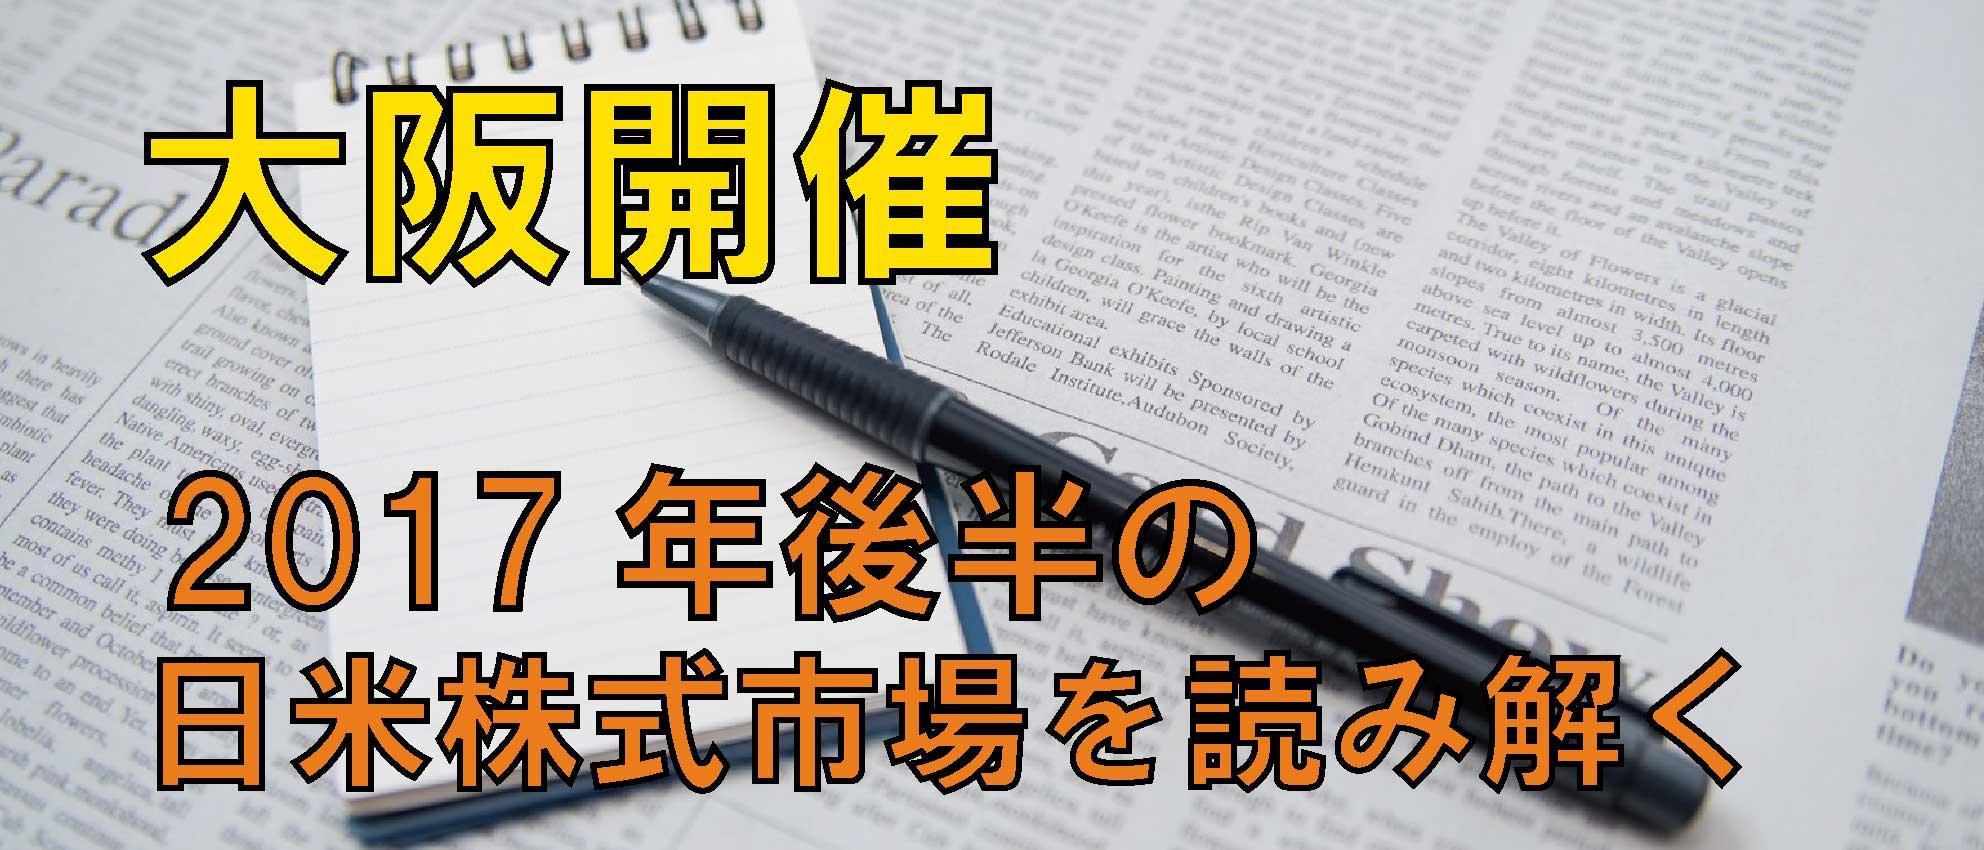 07/07大阪 【日経平均】 2017年後半の日米株式市場を読み解く